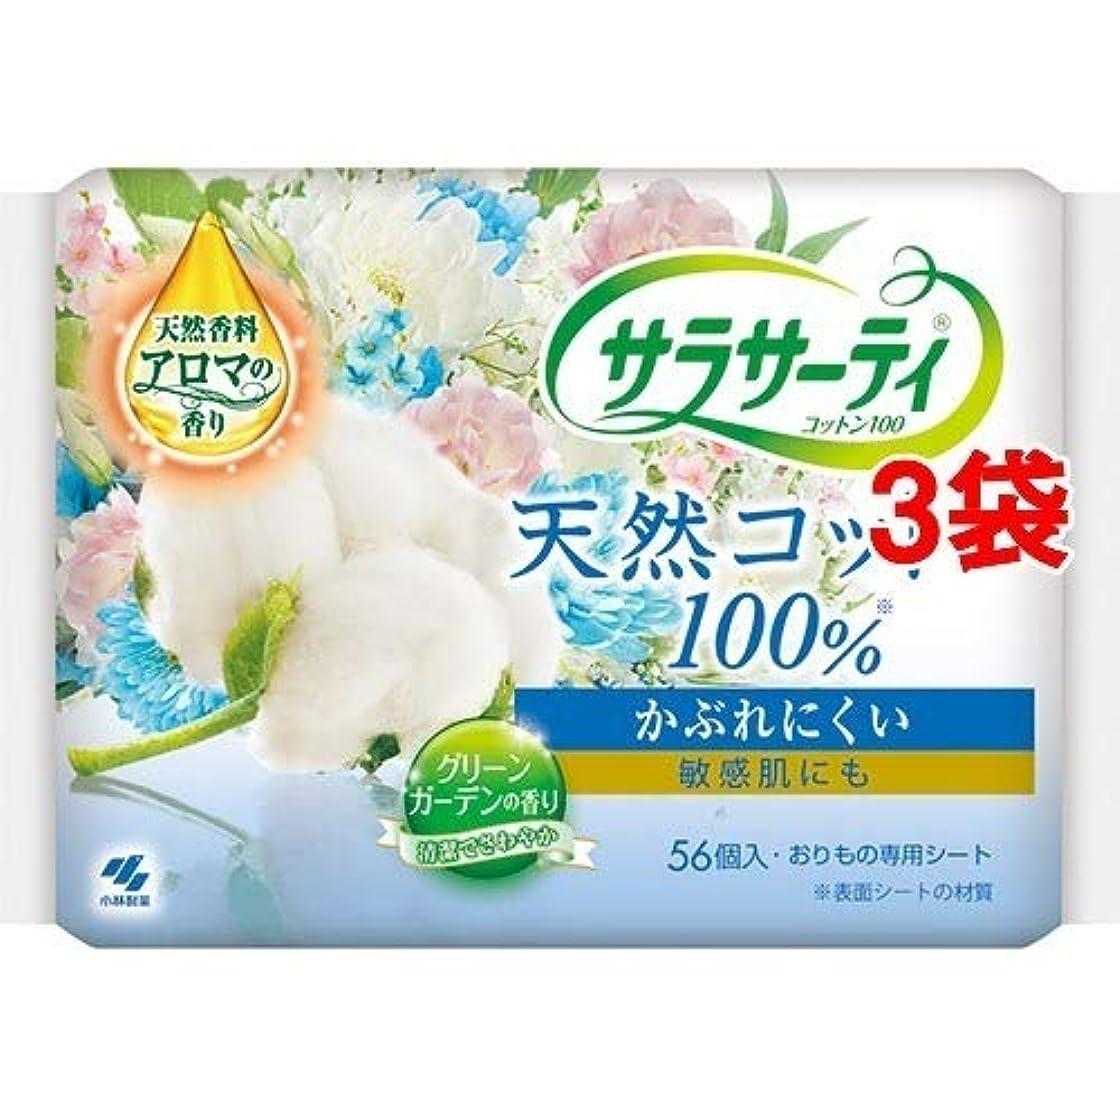 欲求不満ギャングスター前述のサラサーティ コットン100 グリーンガーデンの香り(56枚入*3袋セット) 日用品 生理用品 パンティーライナー [並行輸入品] k1-62887-ak